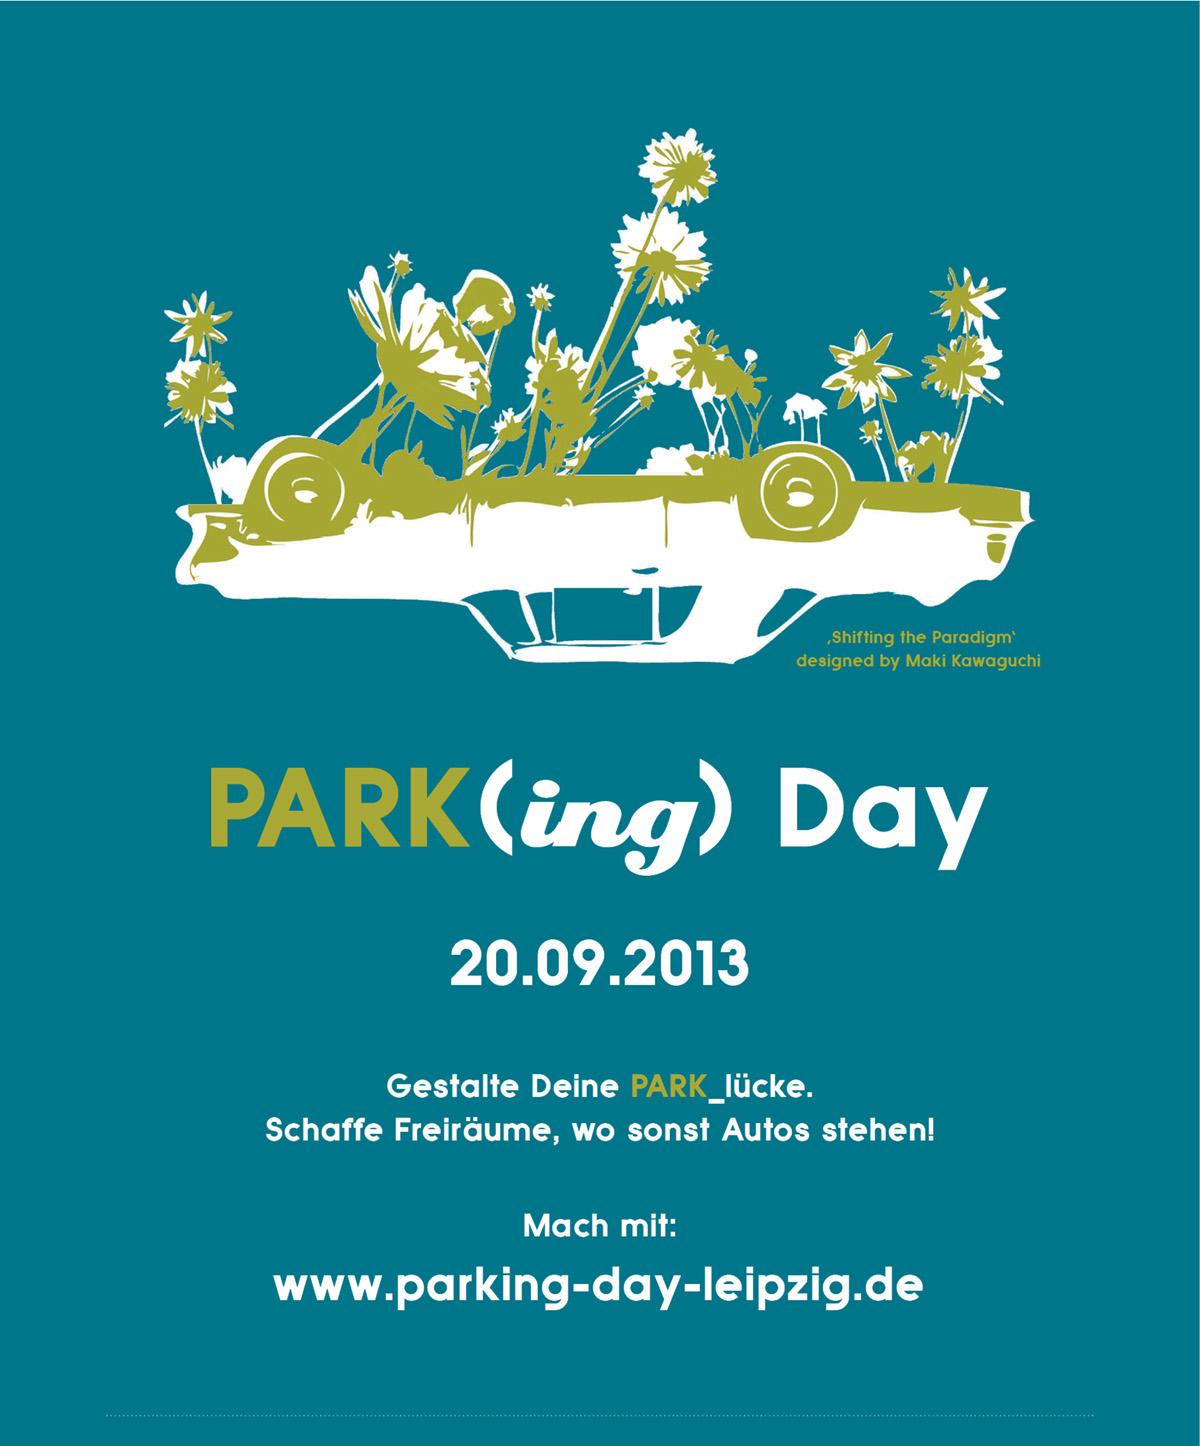 parkday vs